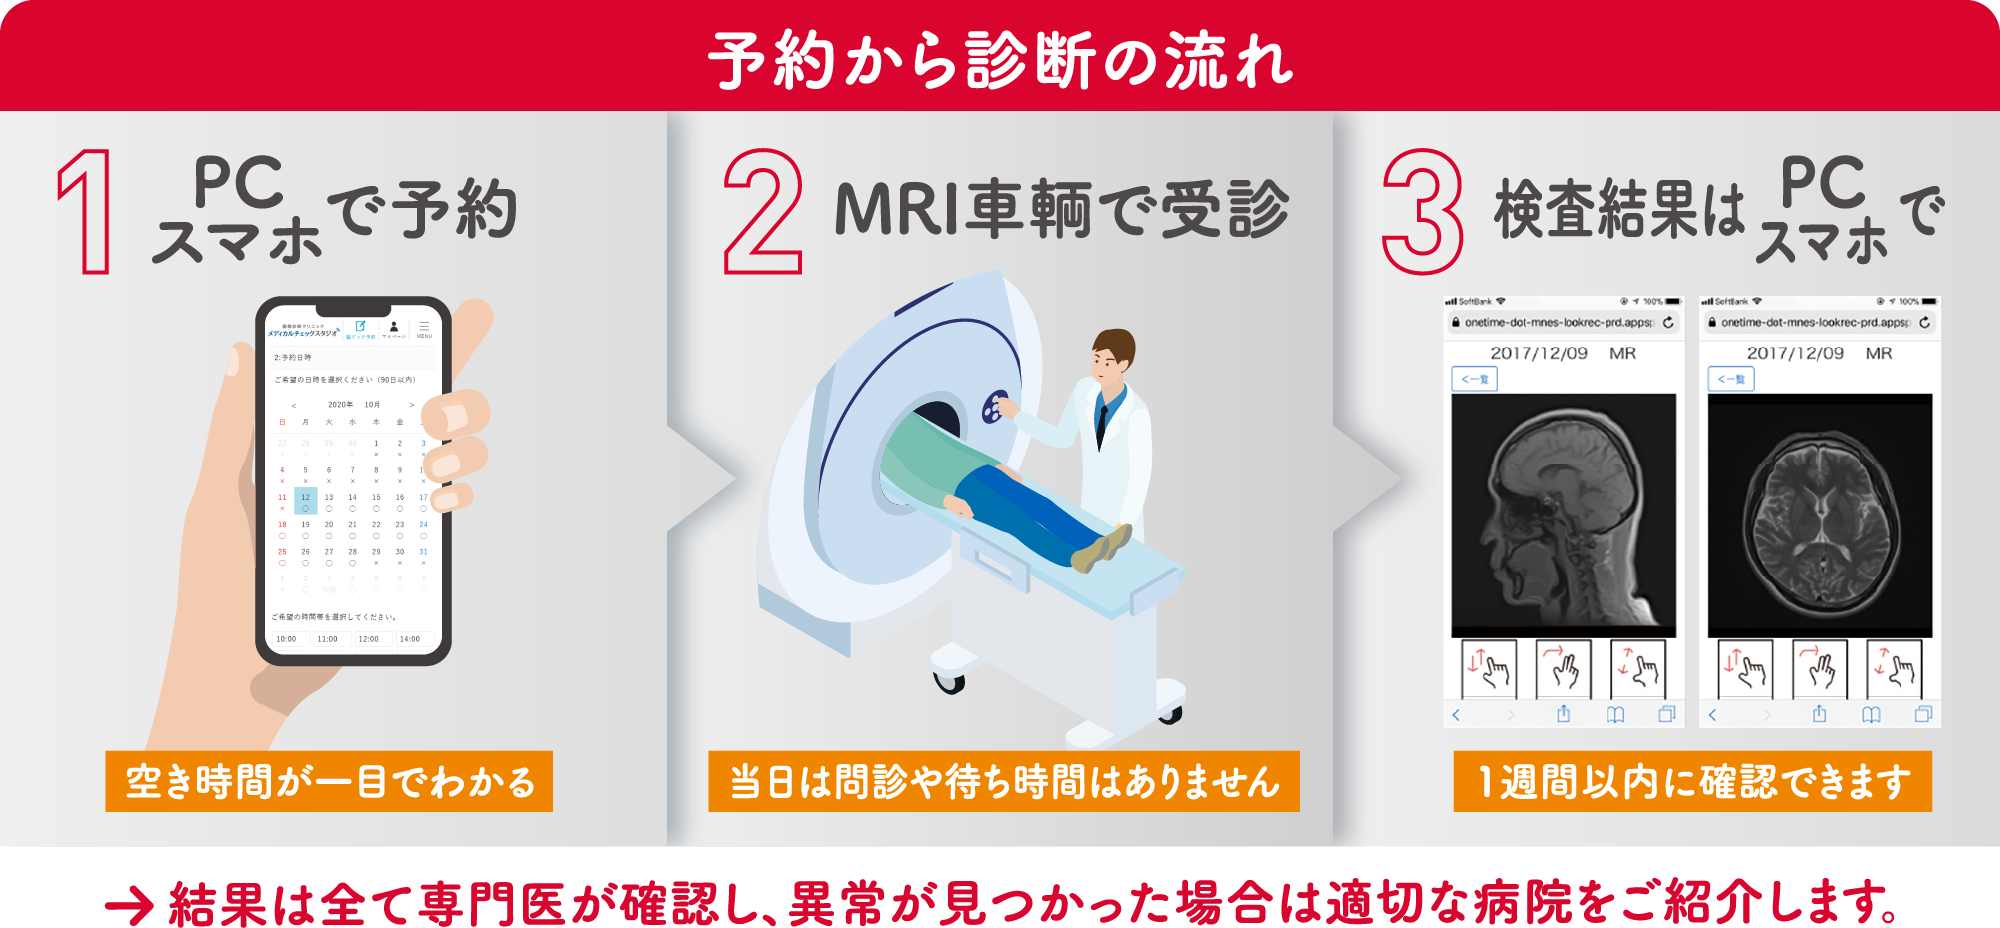 予約から診断の流れ ①PC/スマホで予約 ②MRI車輌で受診 ③検査結果はPC/スマホで 結果は全て専門医が確認し、異常が見つかった場合は適切な病院をご紹介します。